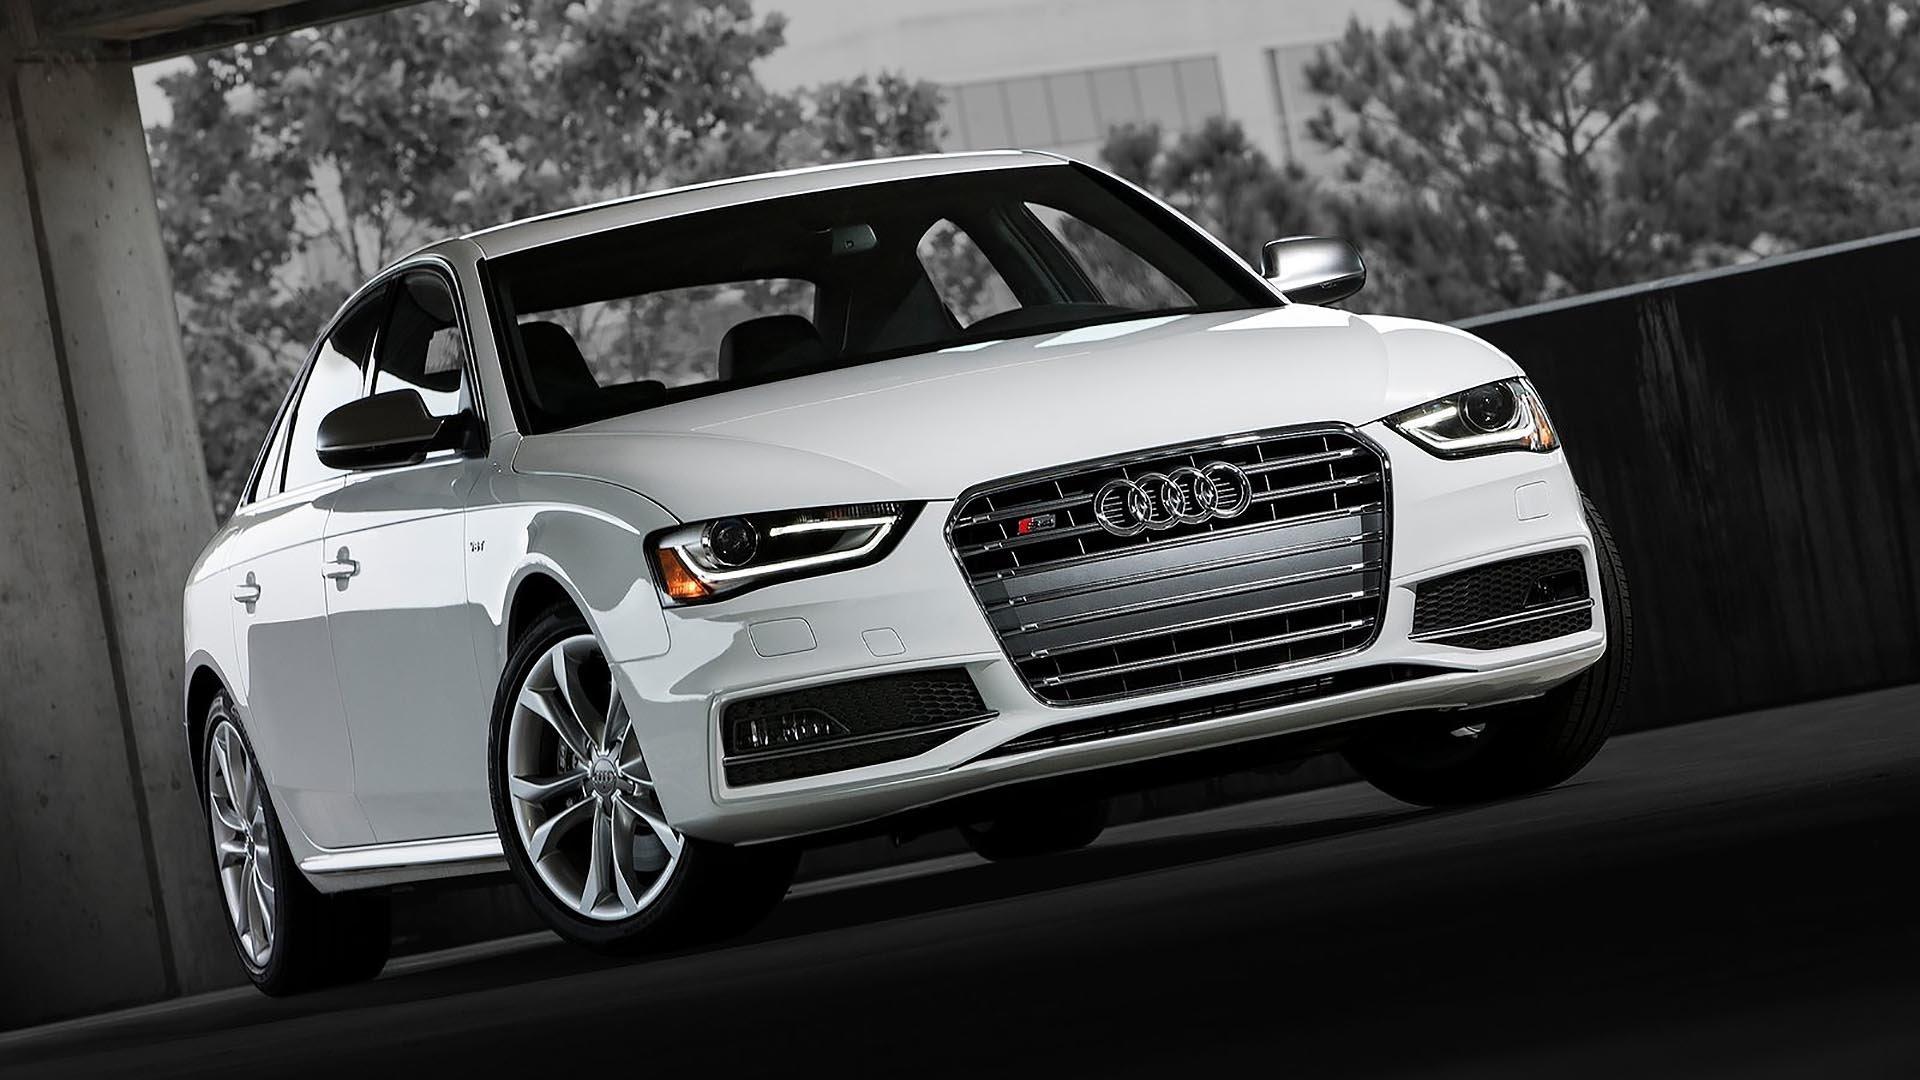 05_B8 Audi S4 front